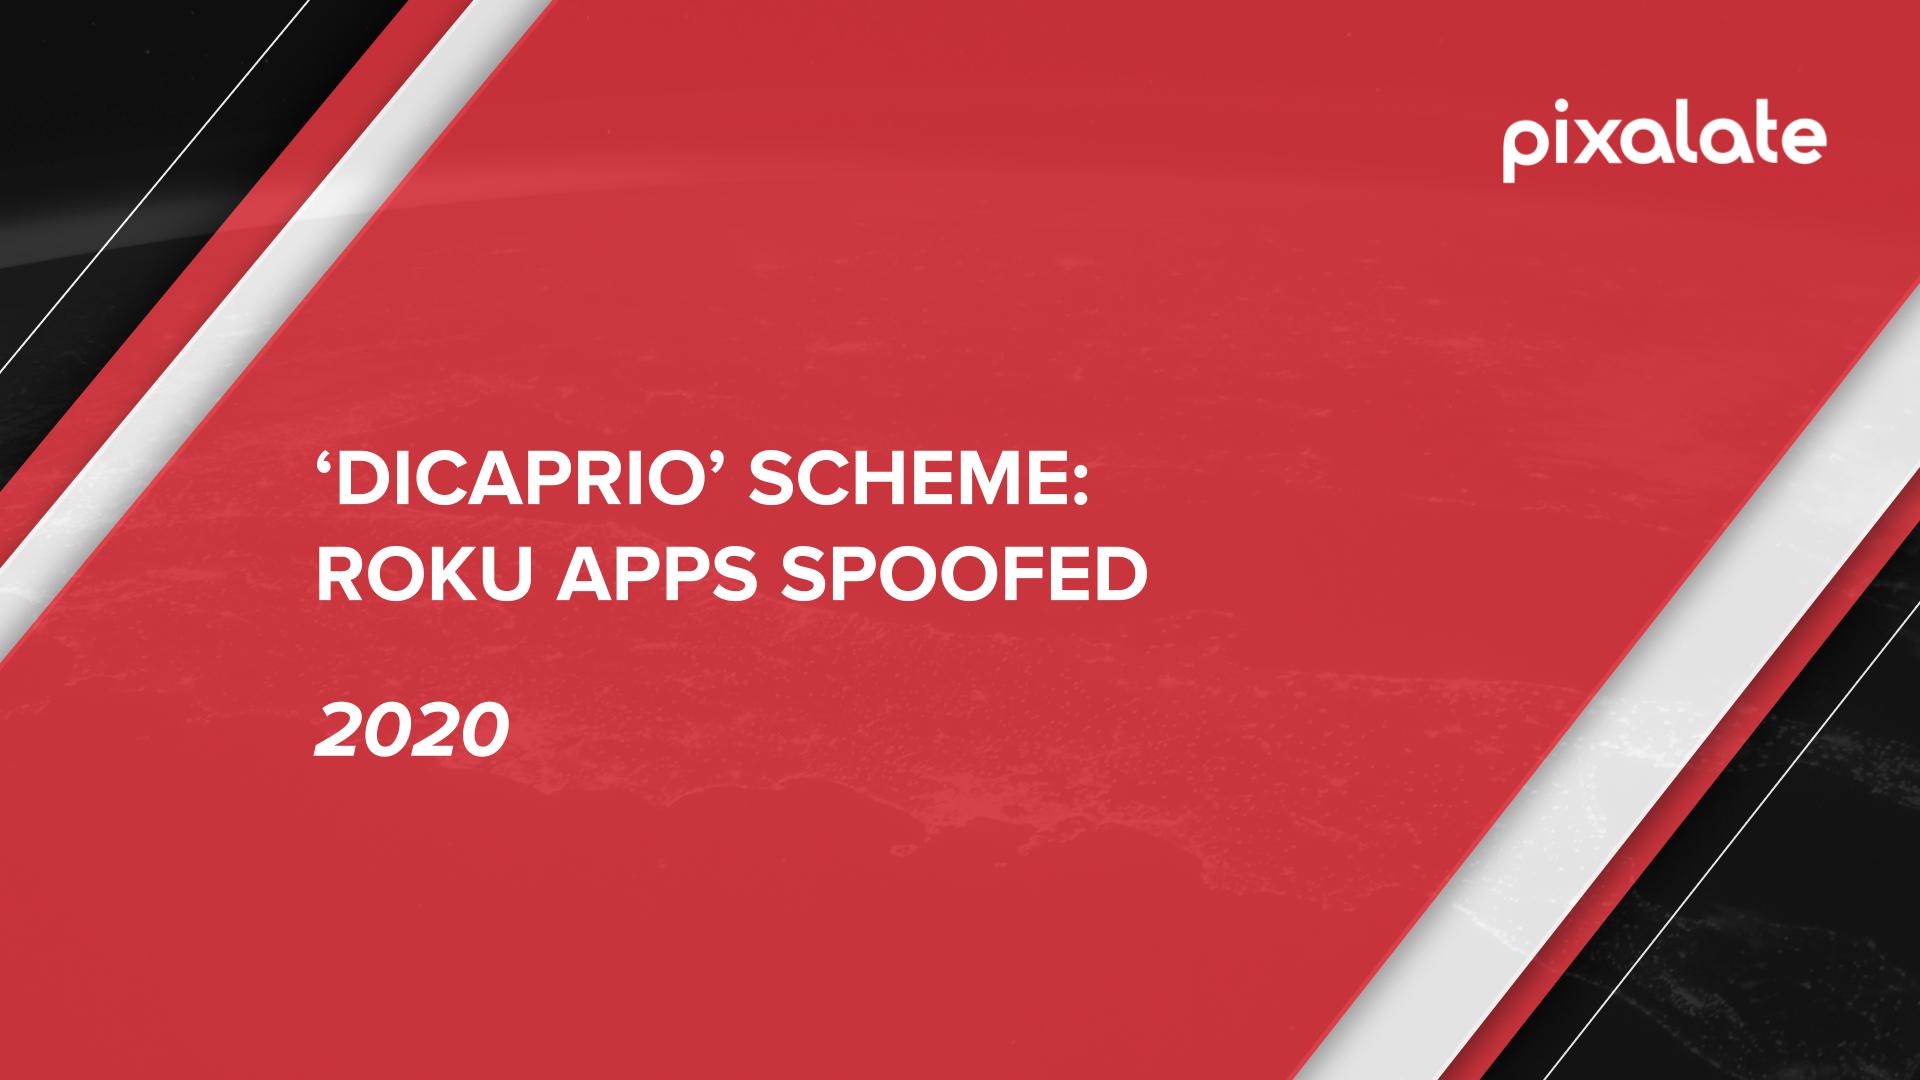 dicaprio-scheme-roku-apps-spoofed-cover